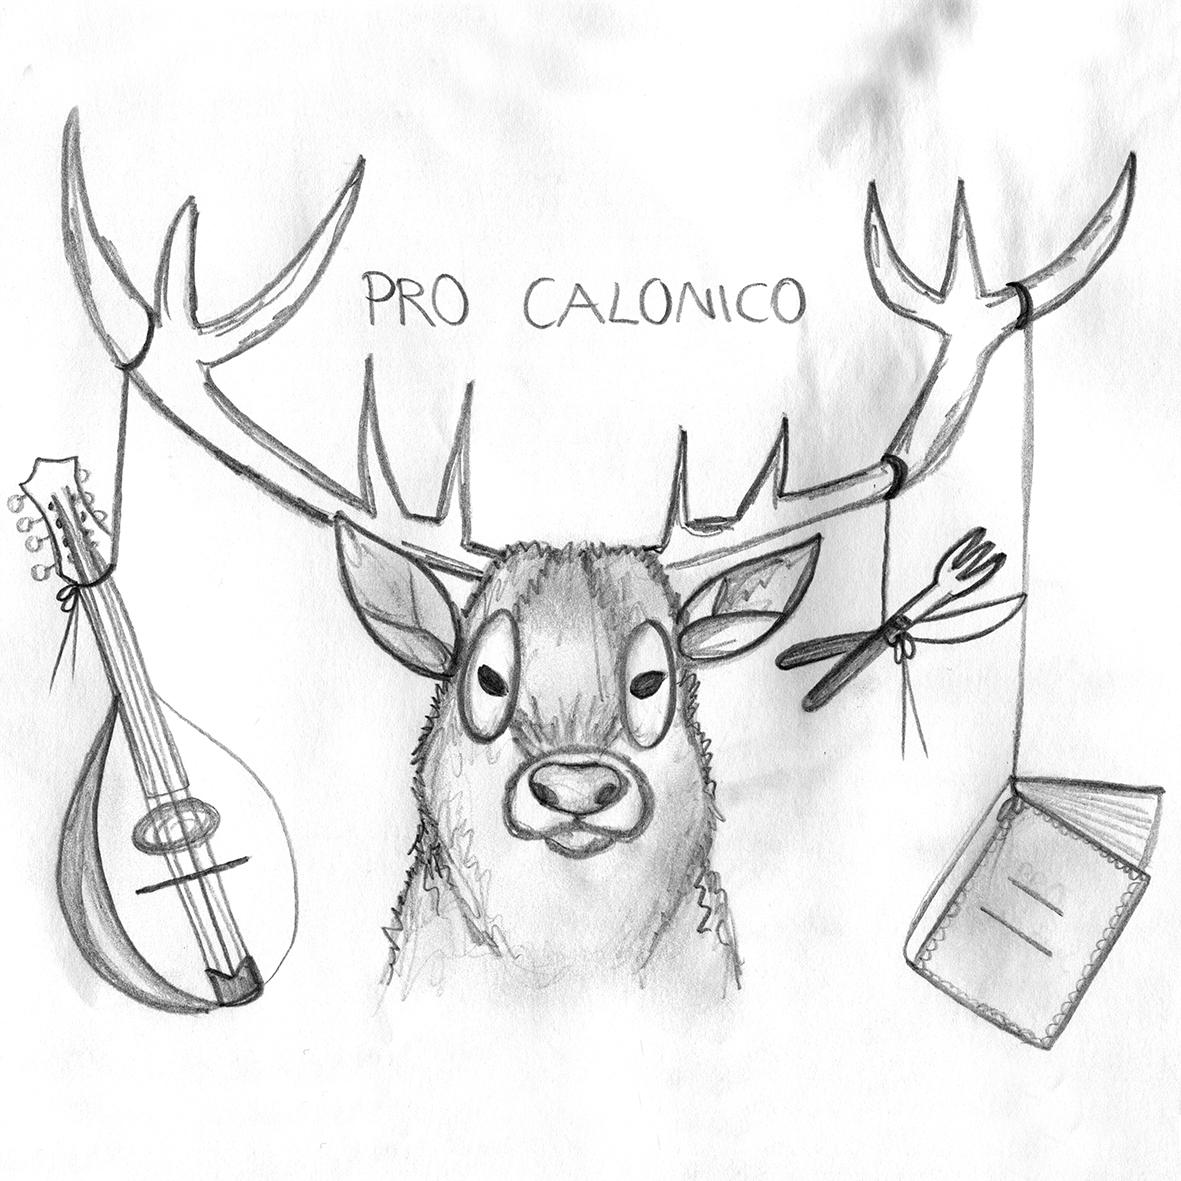 Scansione logo Pro Calonico